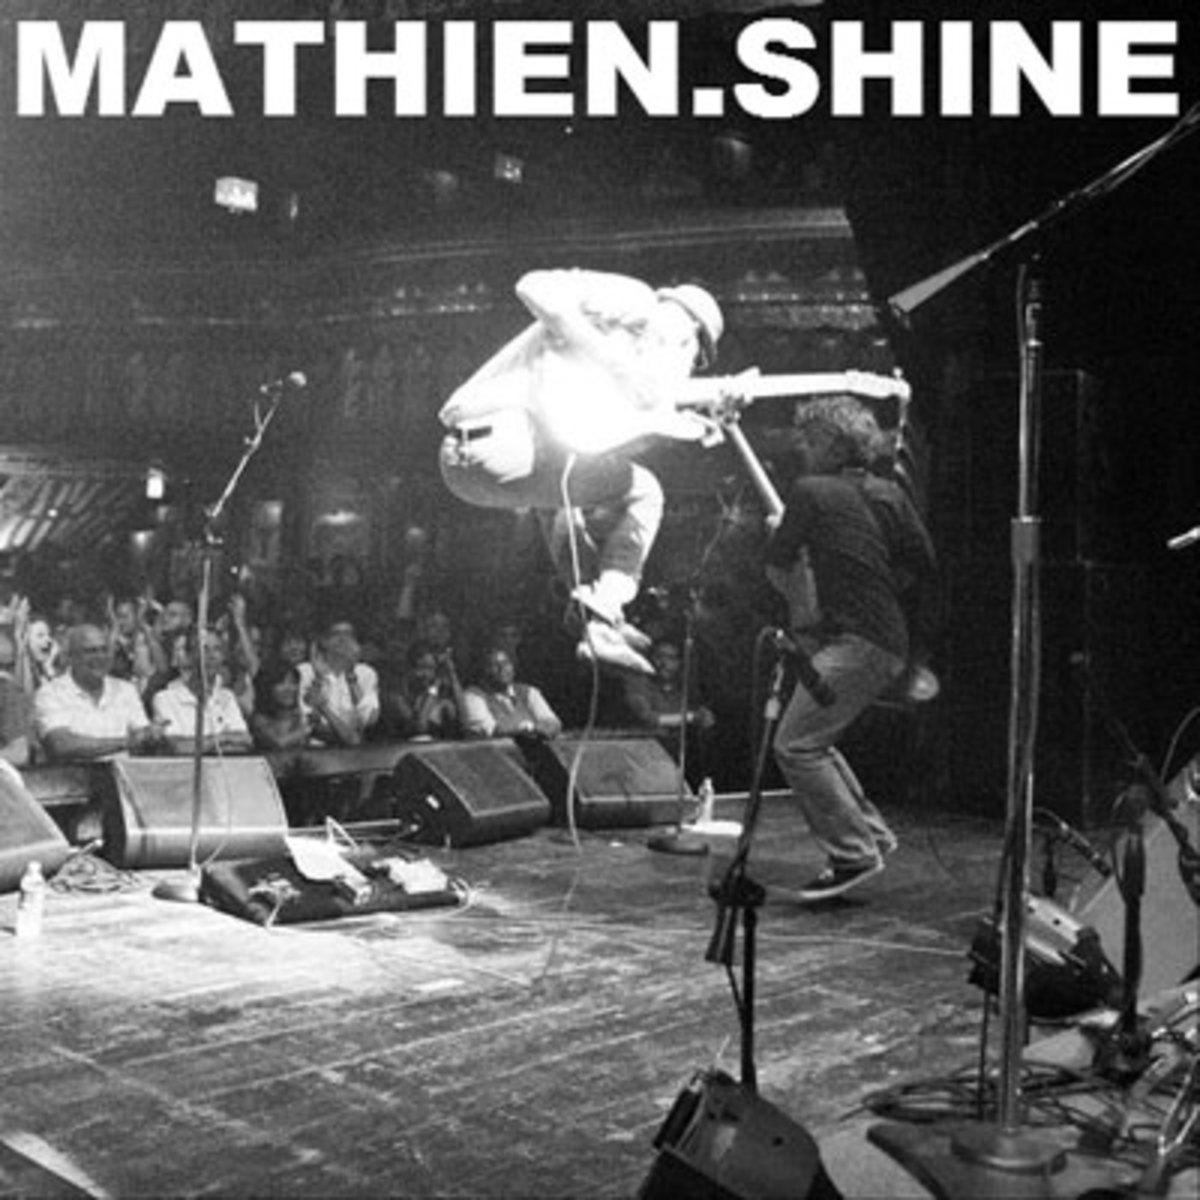 mathien-shine.jpg